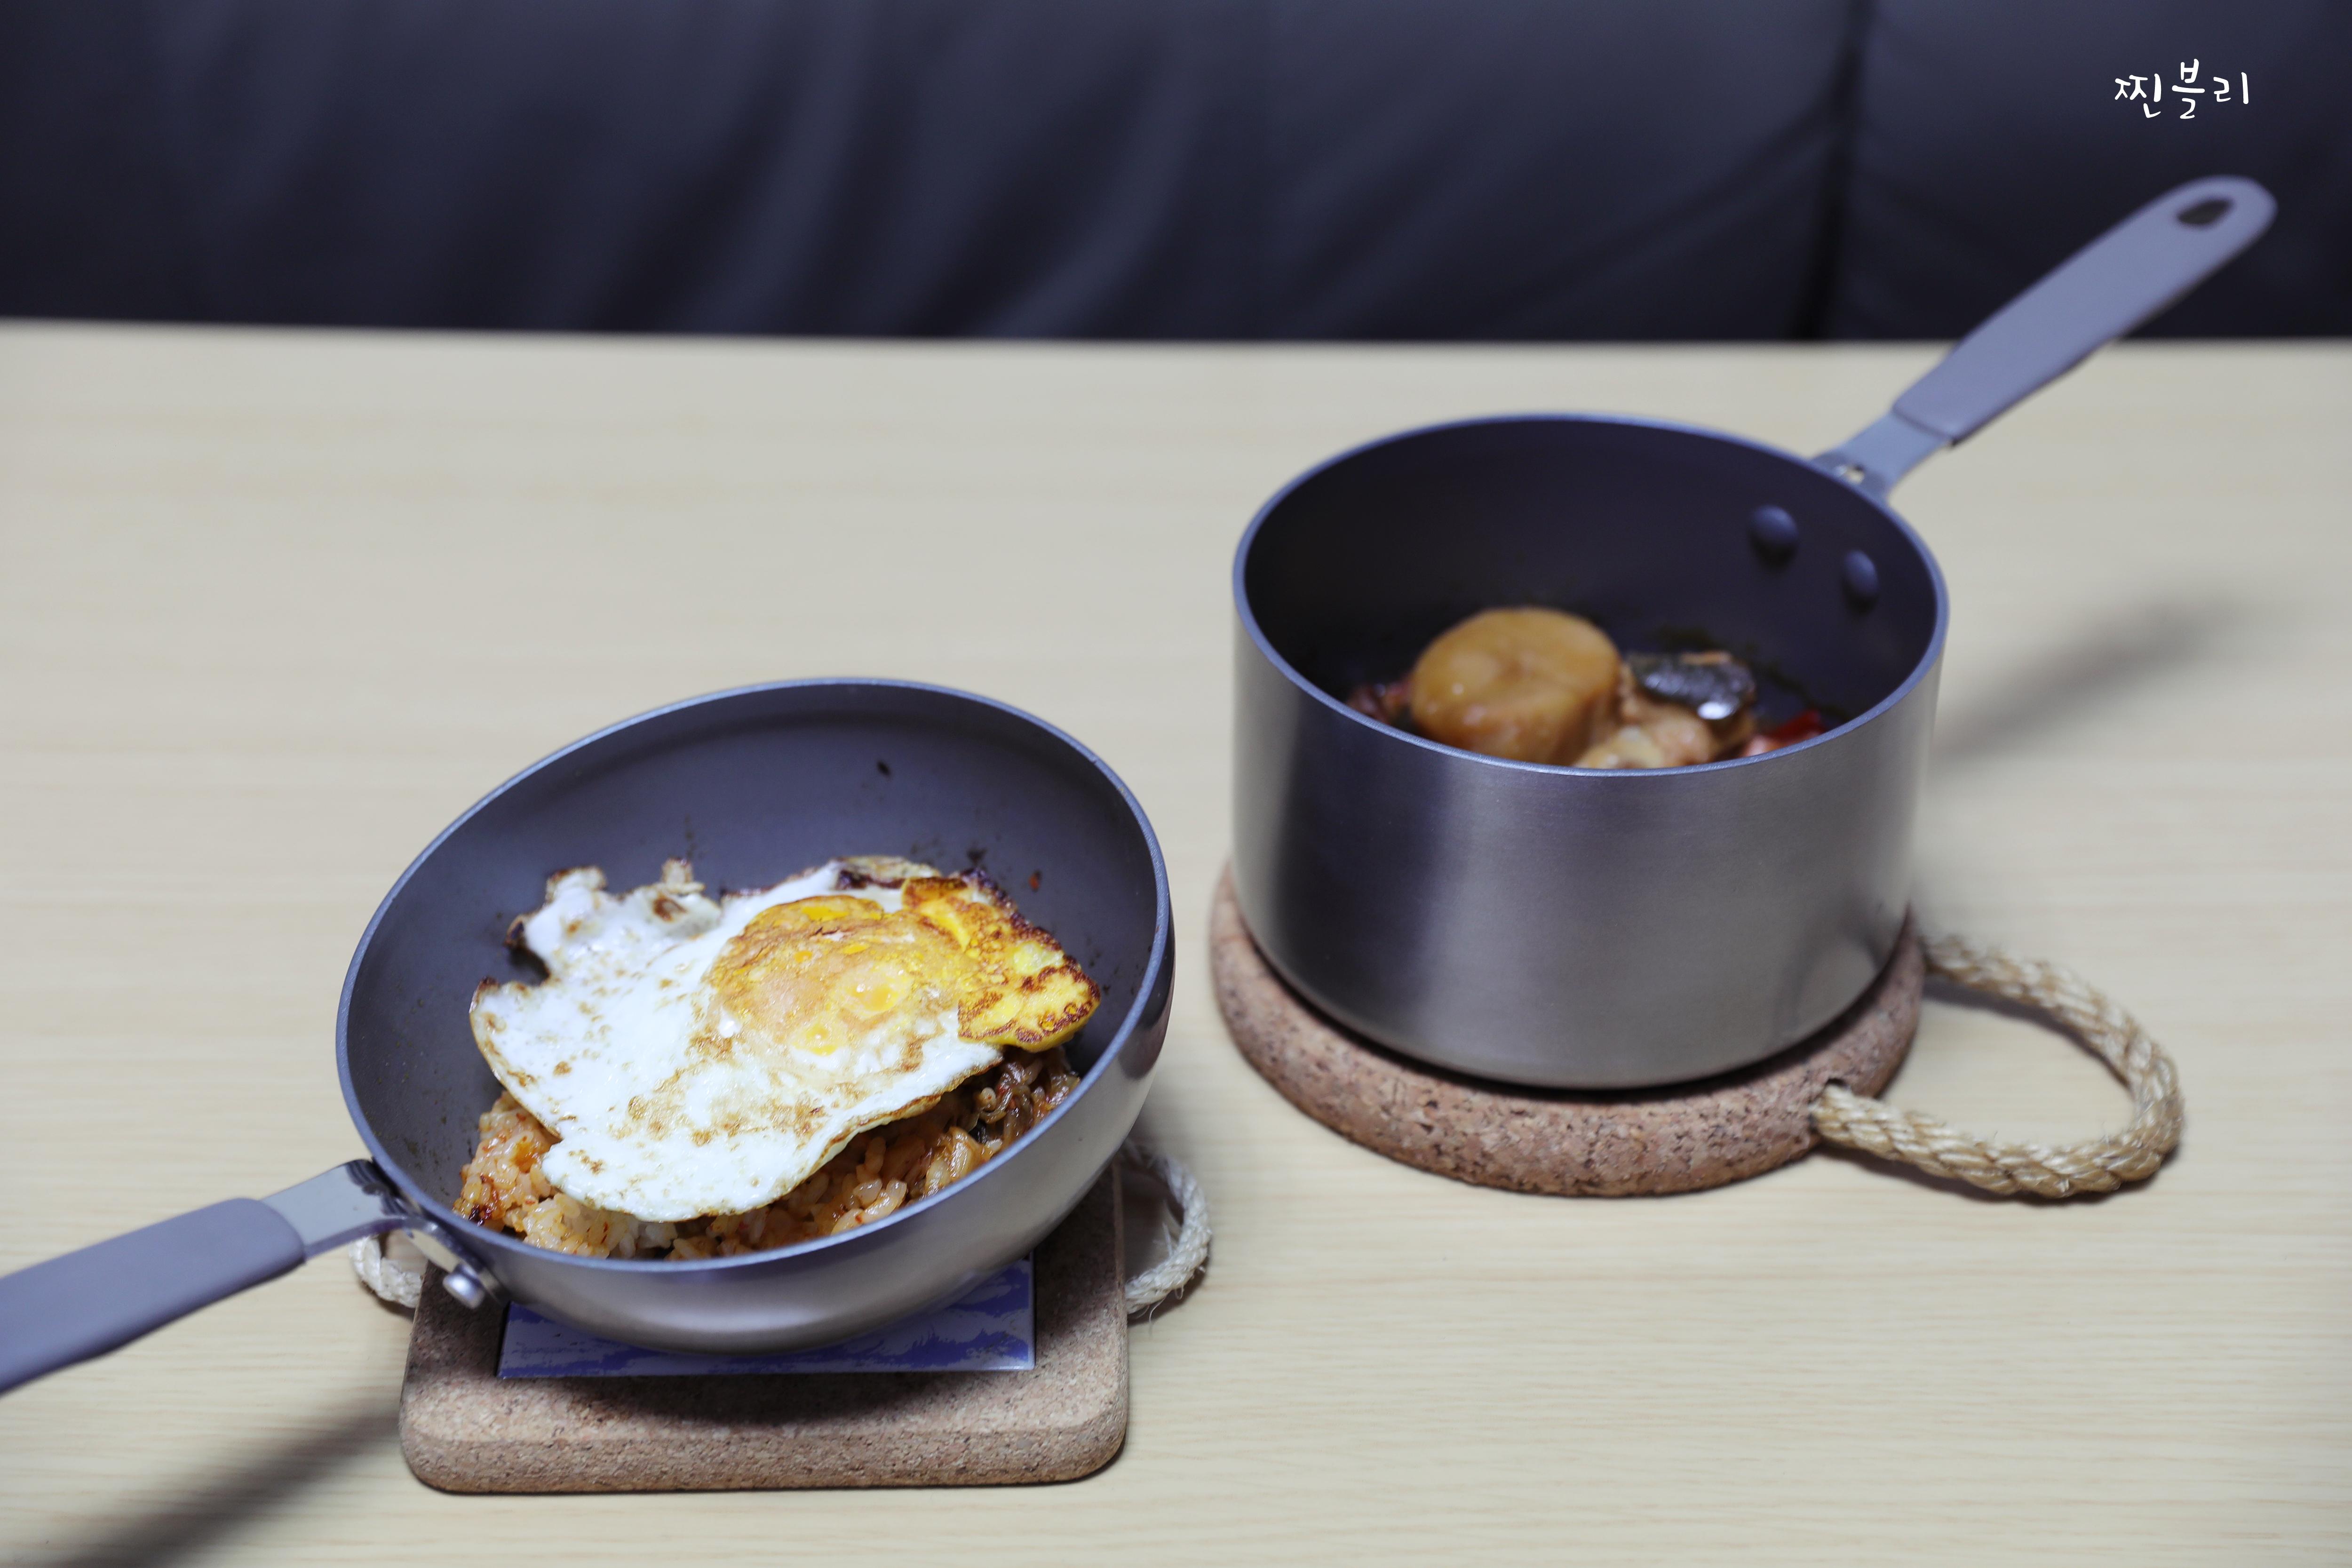 싱글족 요리 핸디쿡 미니팬으로 한끼식사!